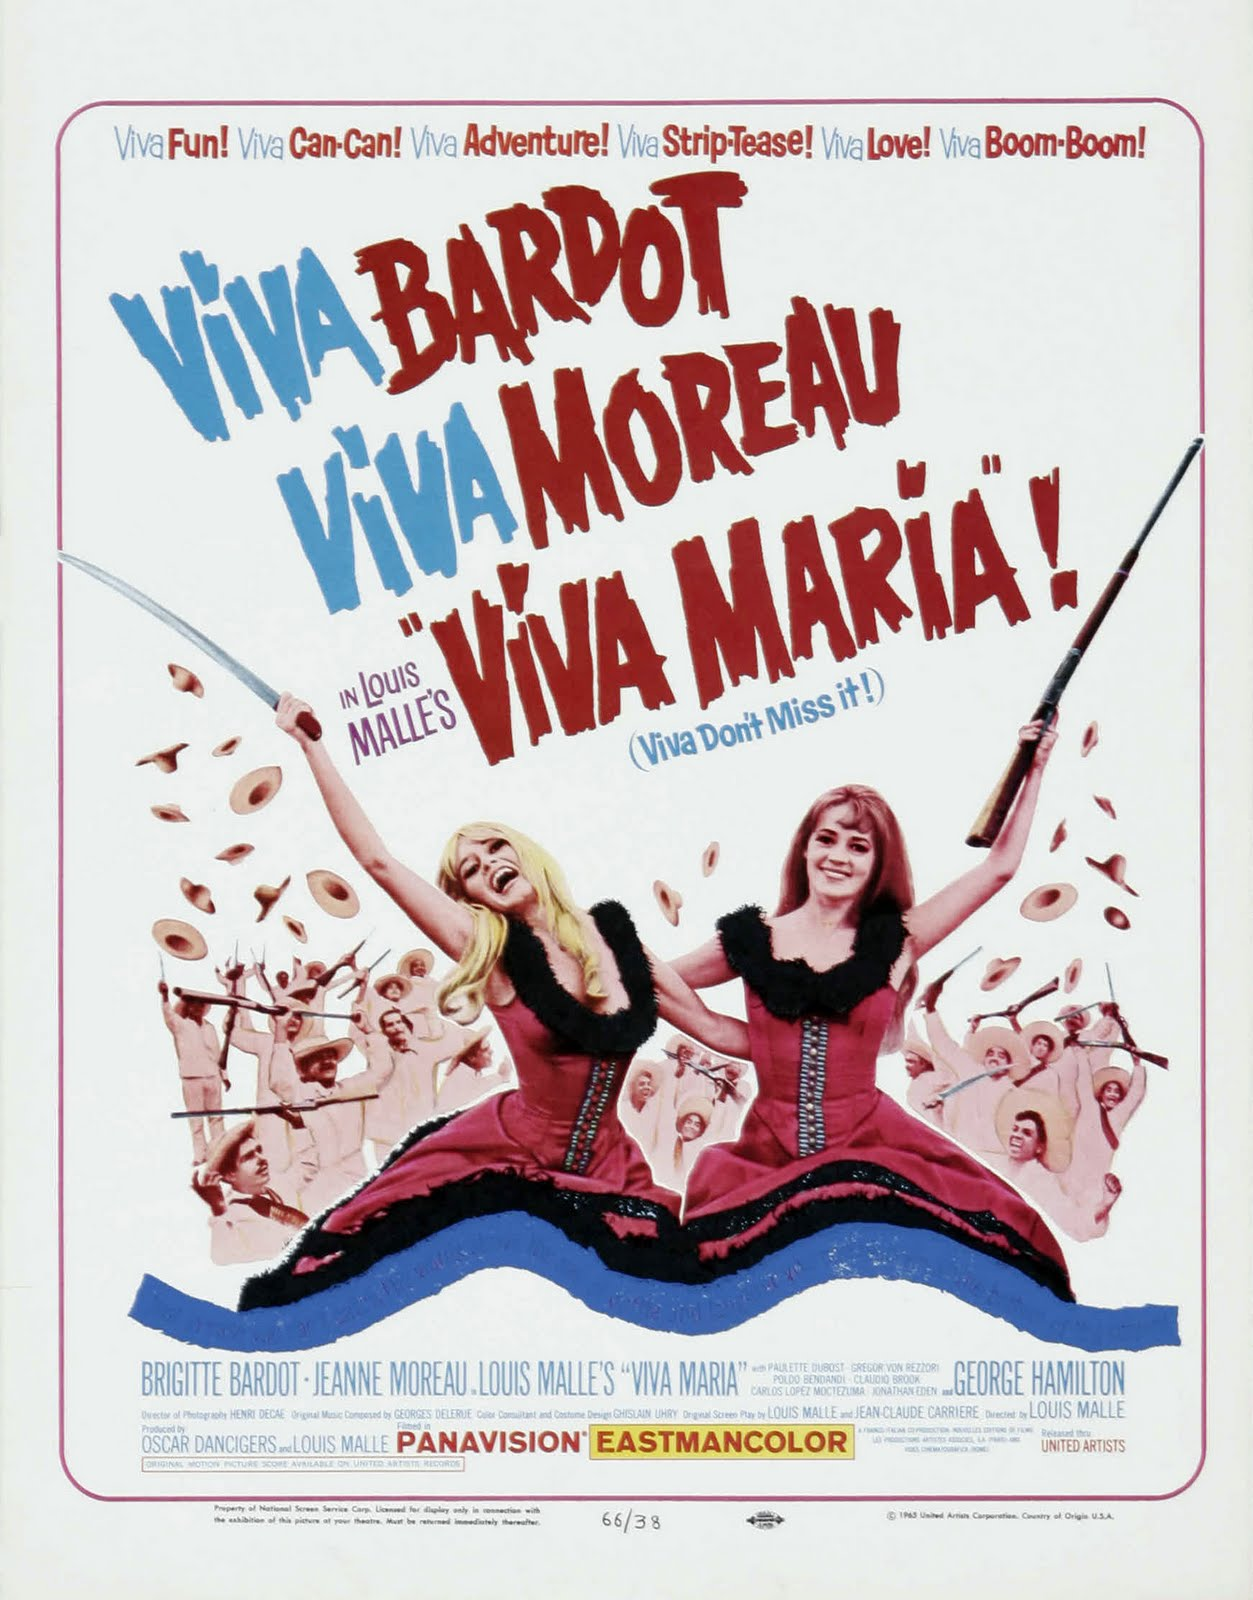 http://3.bp.blogspot.com/-GX5eCGJPTA0/TaM5oBf0WCI/AAAAAAAAAYM/p5QtHj8qqMY/s1600/poster-viva-maria_01.jpg